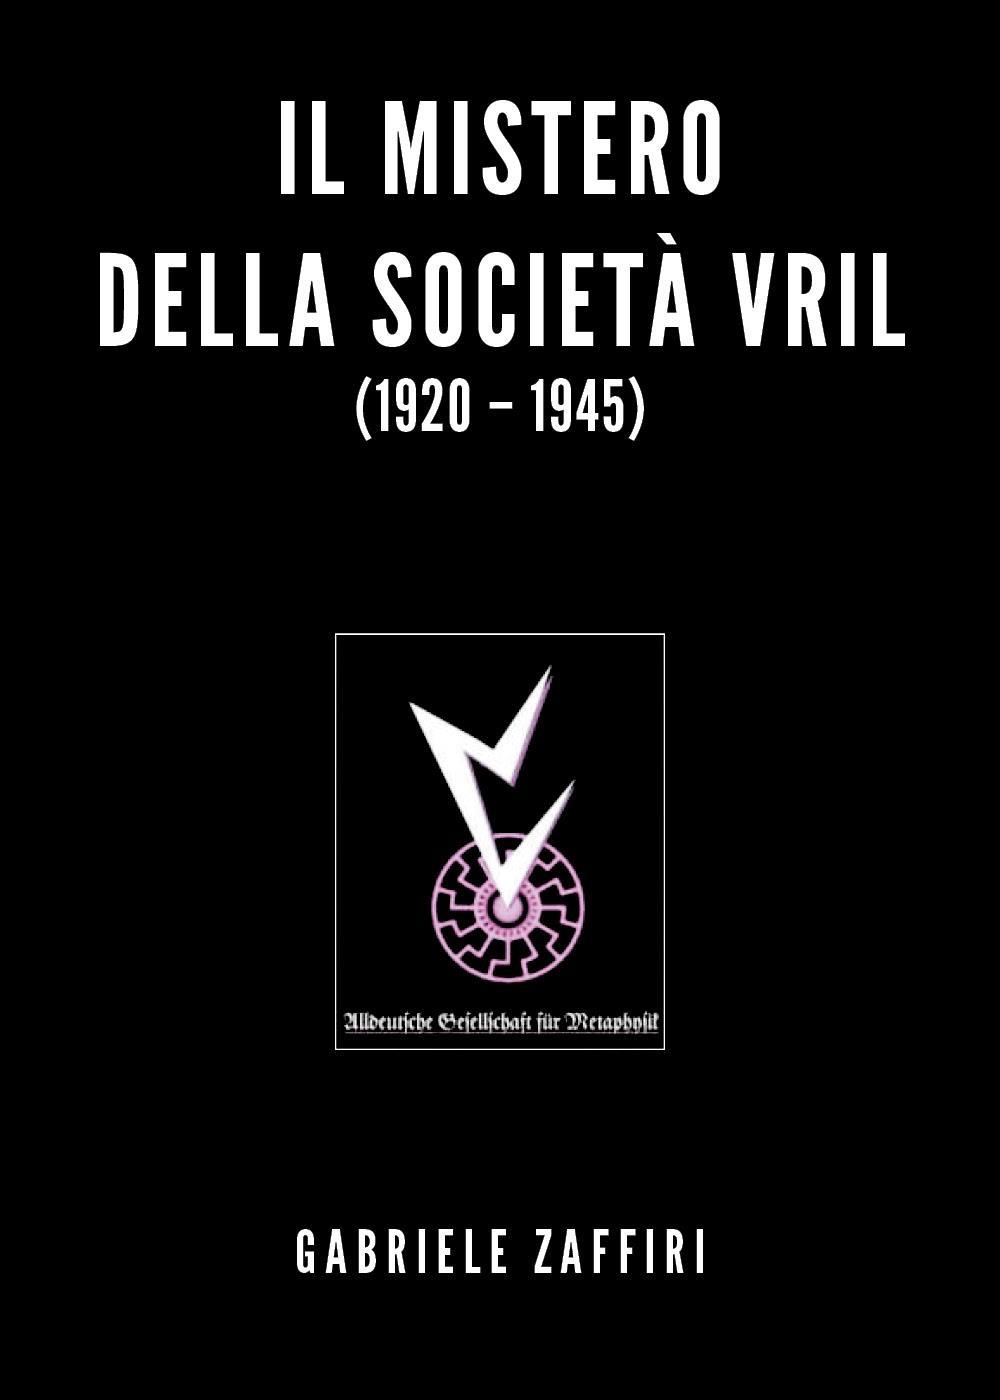 Il mistero della società Vril (1920-1945)